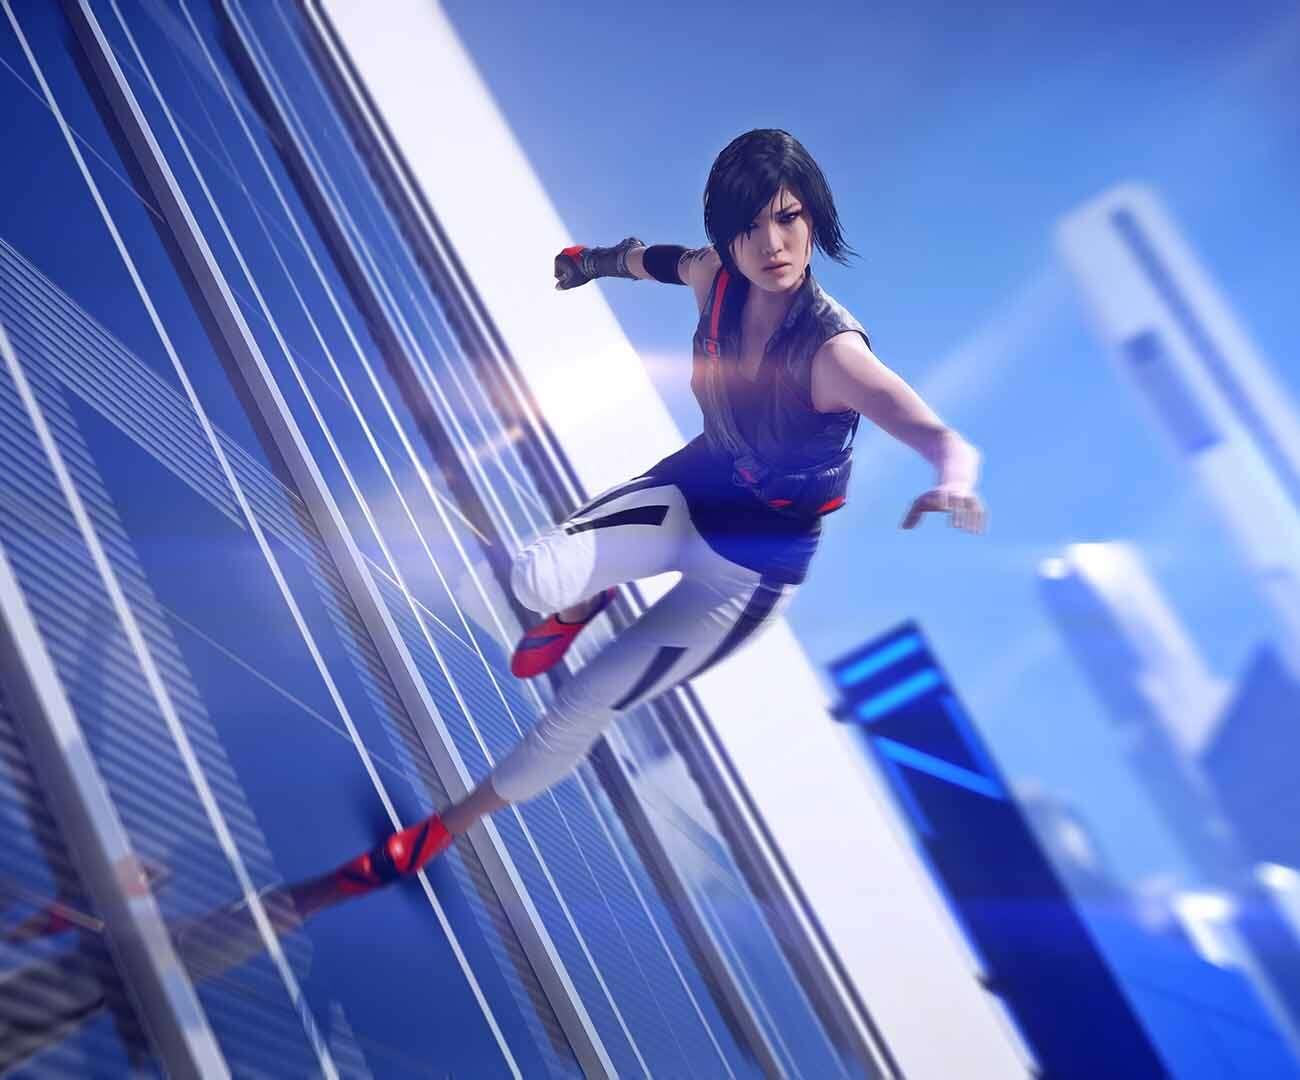 Nowe Mirror's Edge na Xbox Series X ekskluzywnie? DICE coś kombinuje